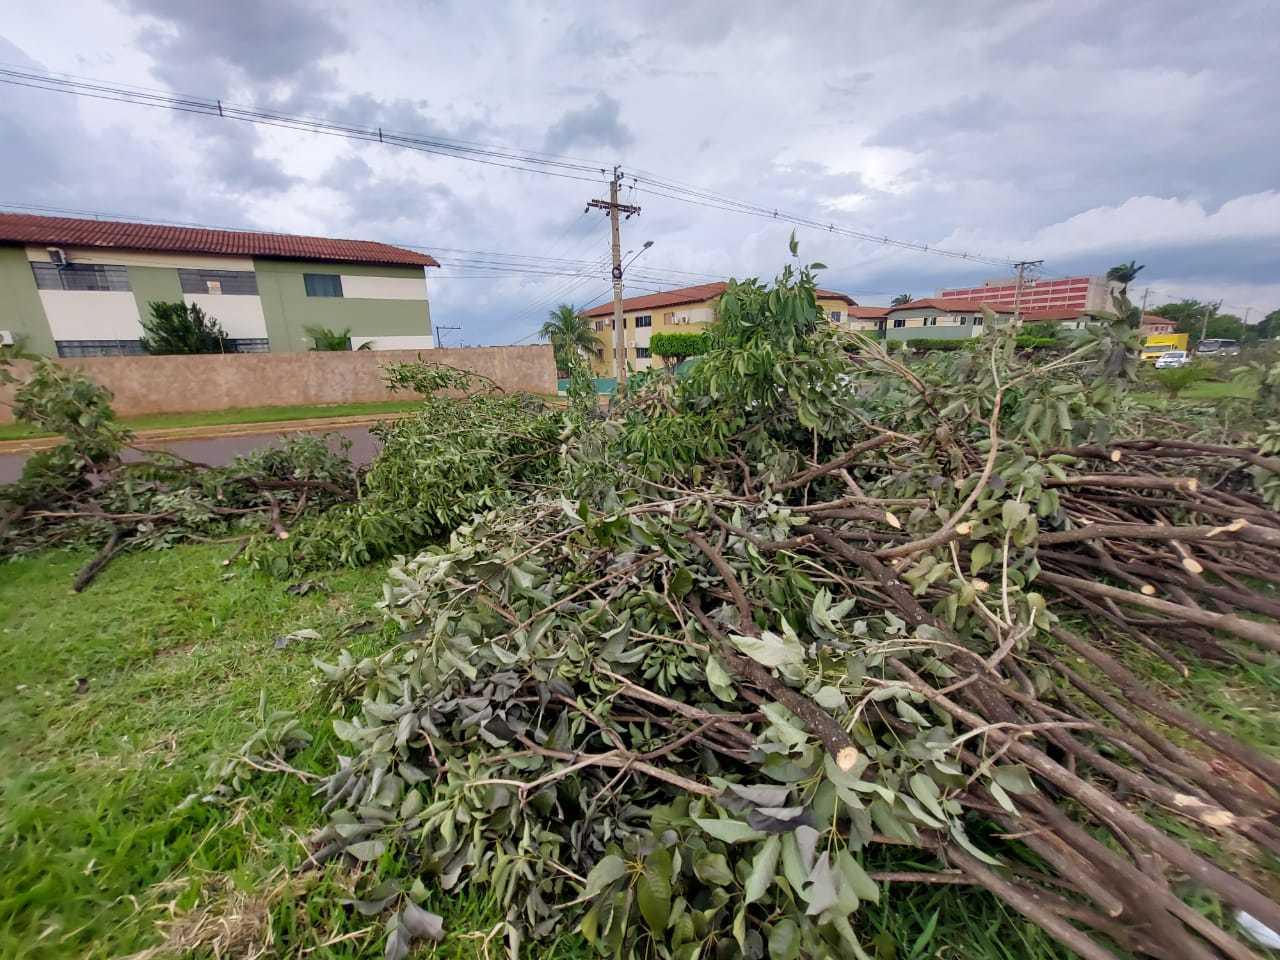 Árvores foram removidas do canteiro central da avenida (Foto: Aletheya Alves)